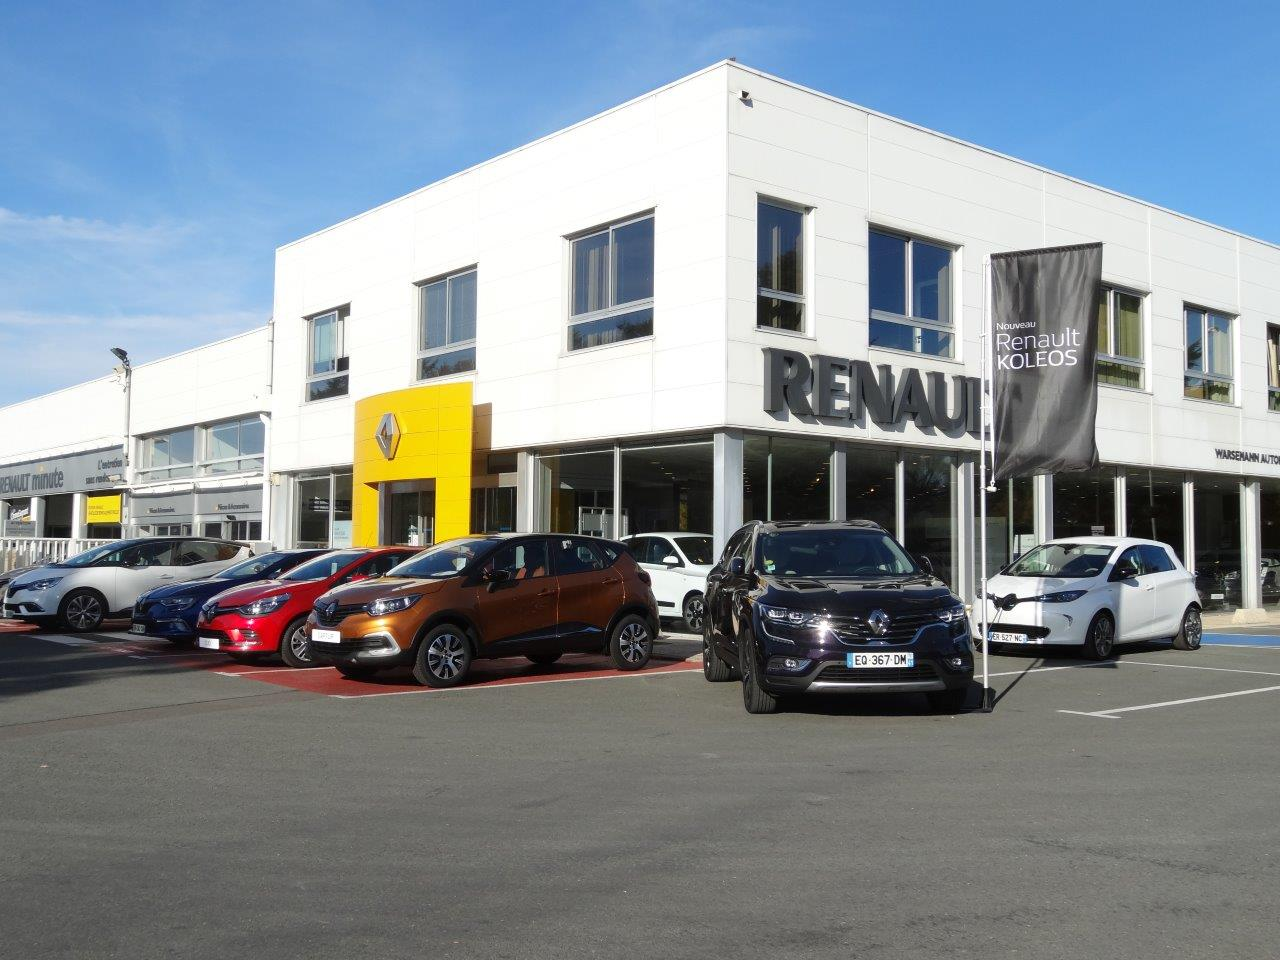 warsemann automobiles concessionnaire renault bracieux auto occasion bracieux. Black Bedroom Furniture Sets. Home Design Ideas